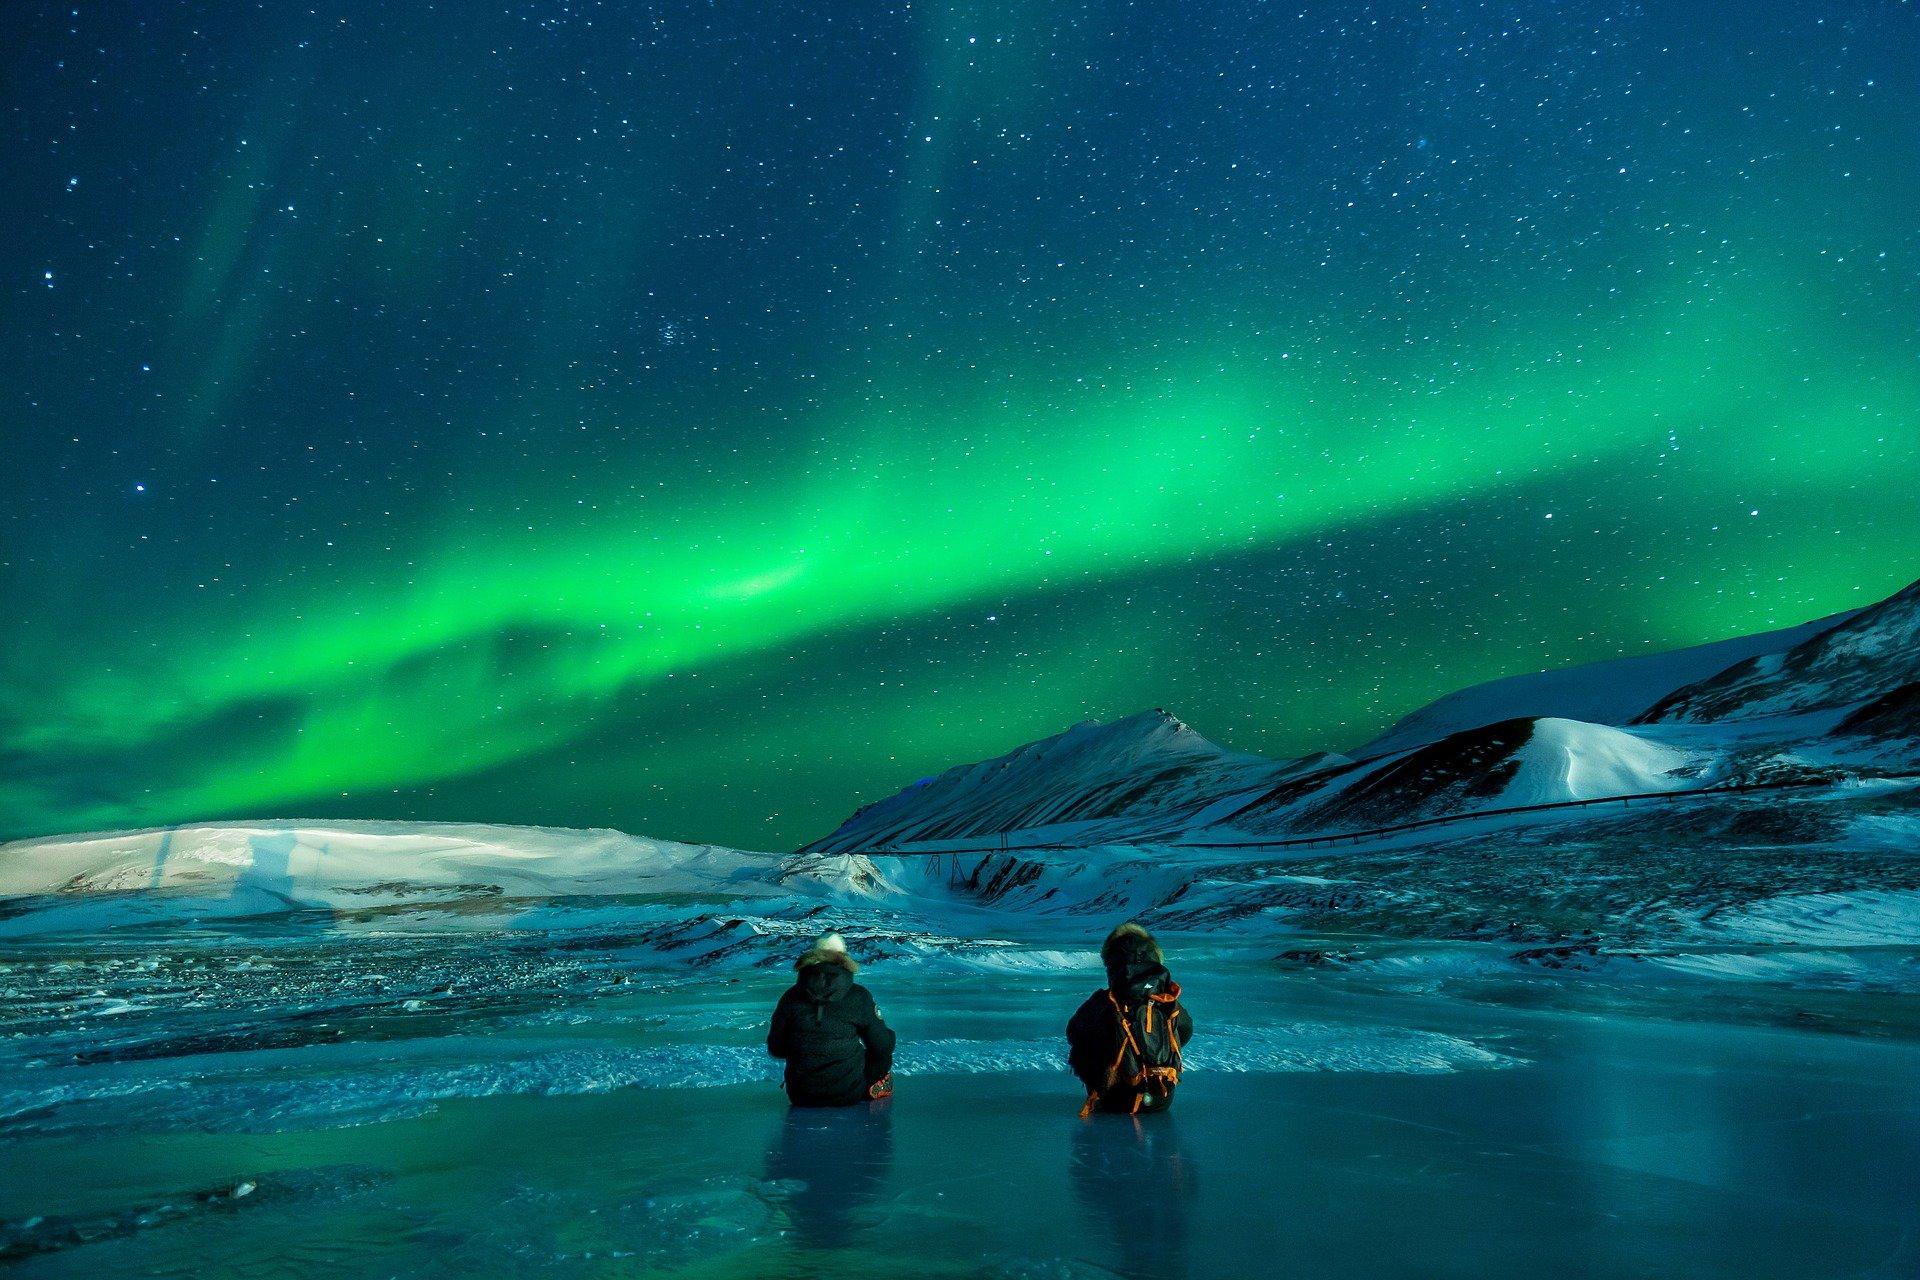 Чукотка и Аляска начали подготовку к переходу через Берингов пролив